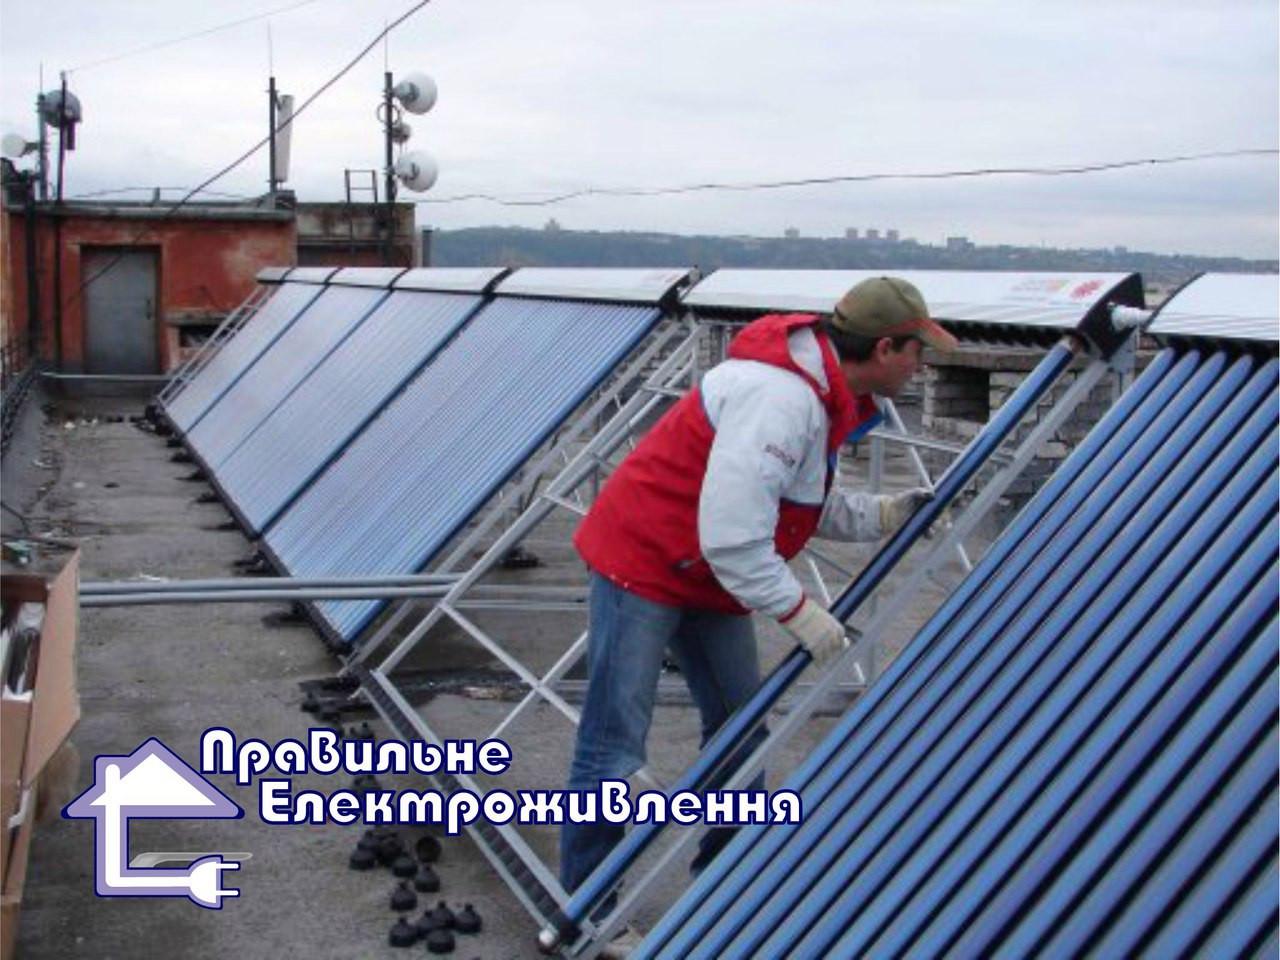 Монтаж геліосистем  - Правильне електроживлення в Львове